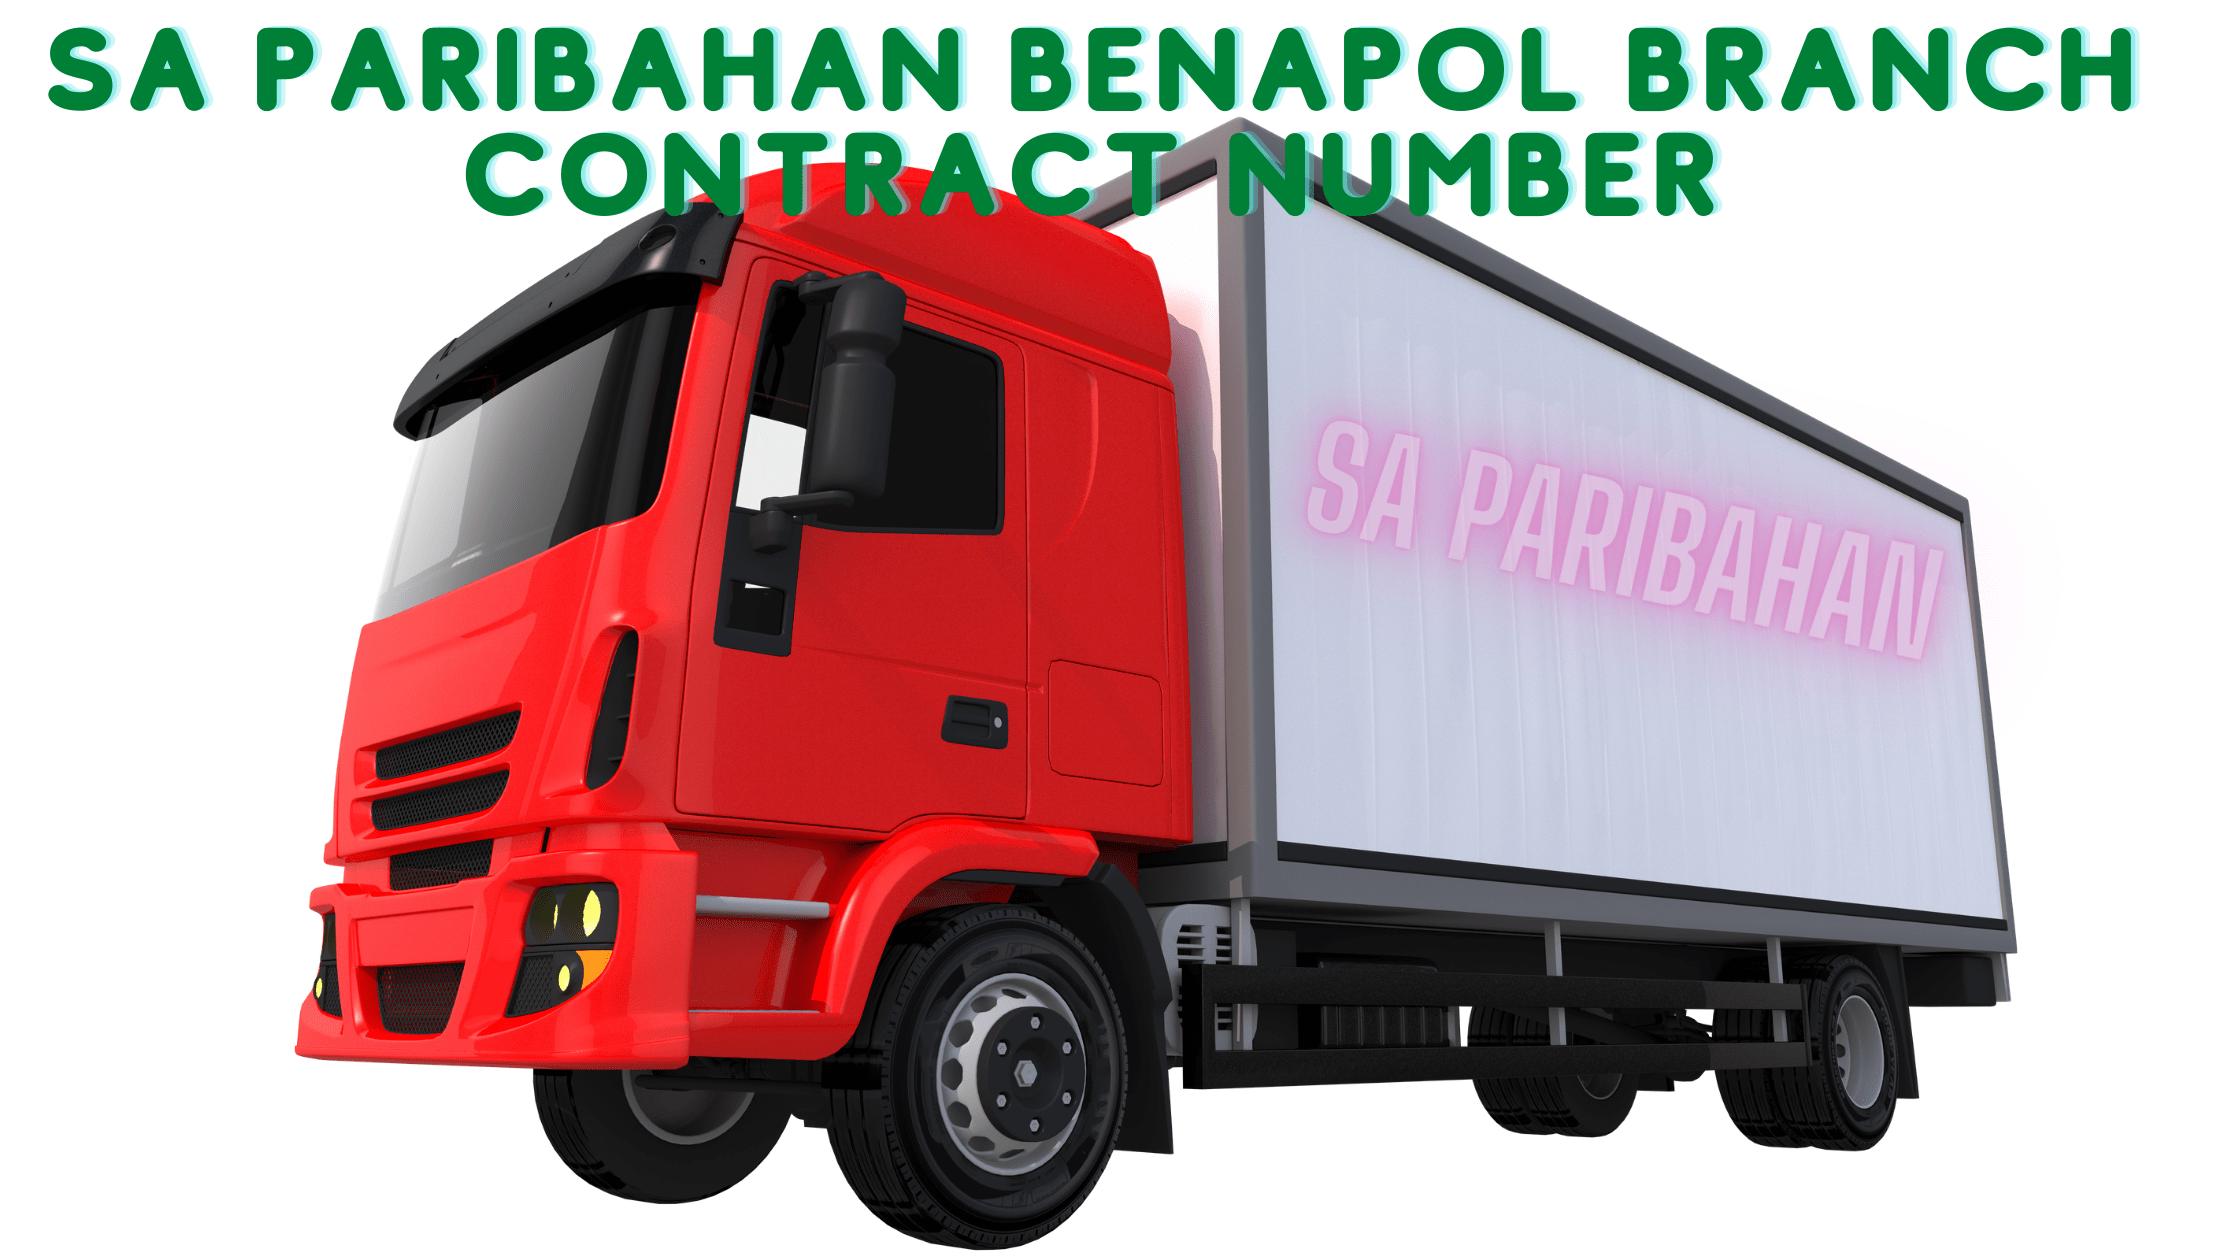 SA Paribahan Benapol Branch